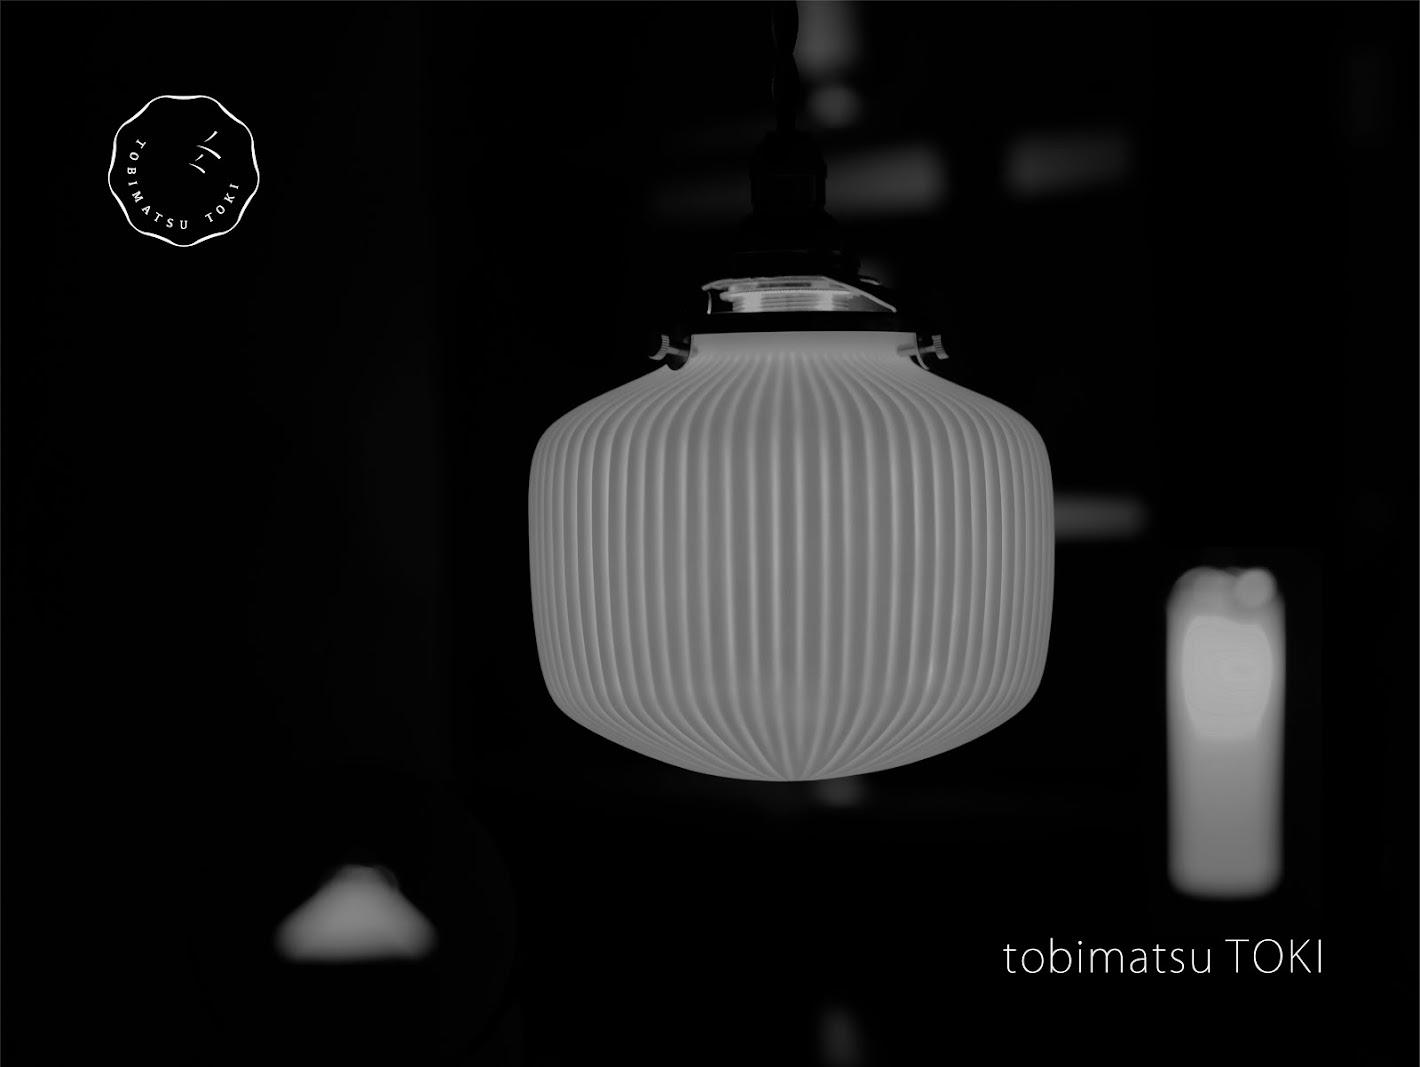 飛松陶器 tobimatsu TOKI